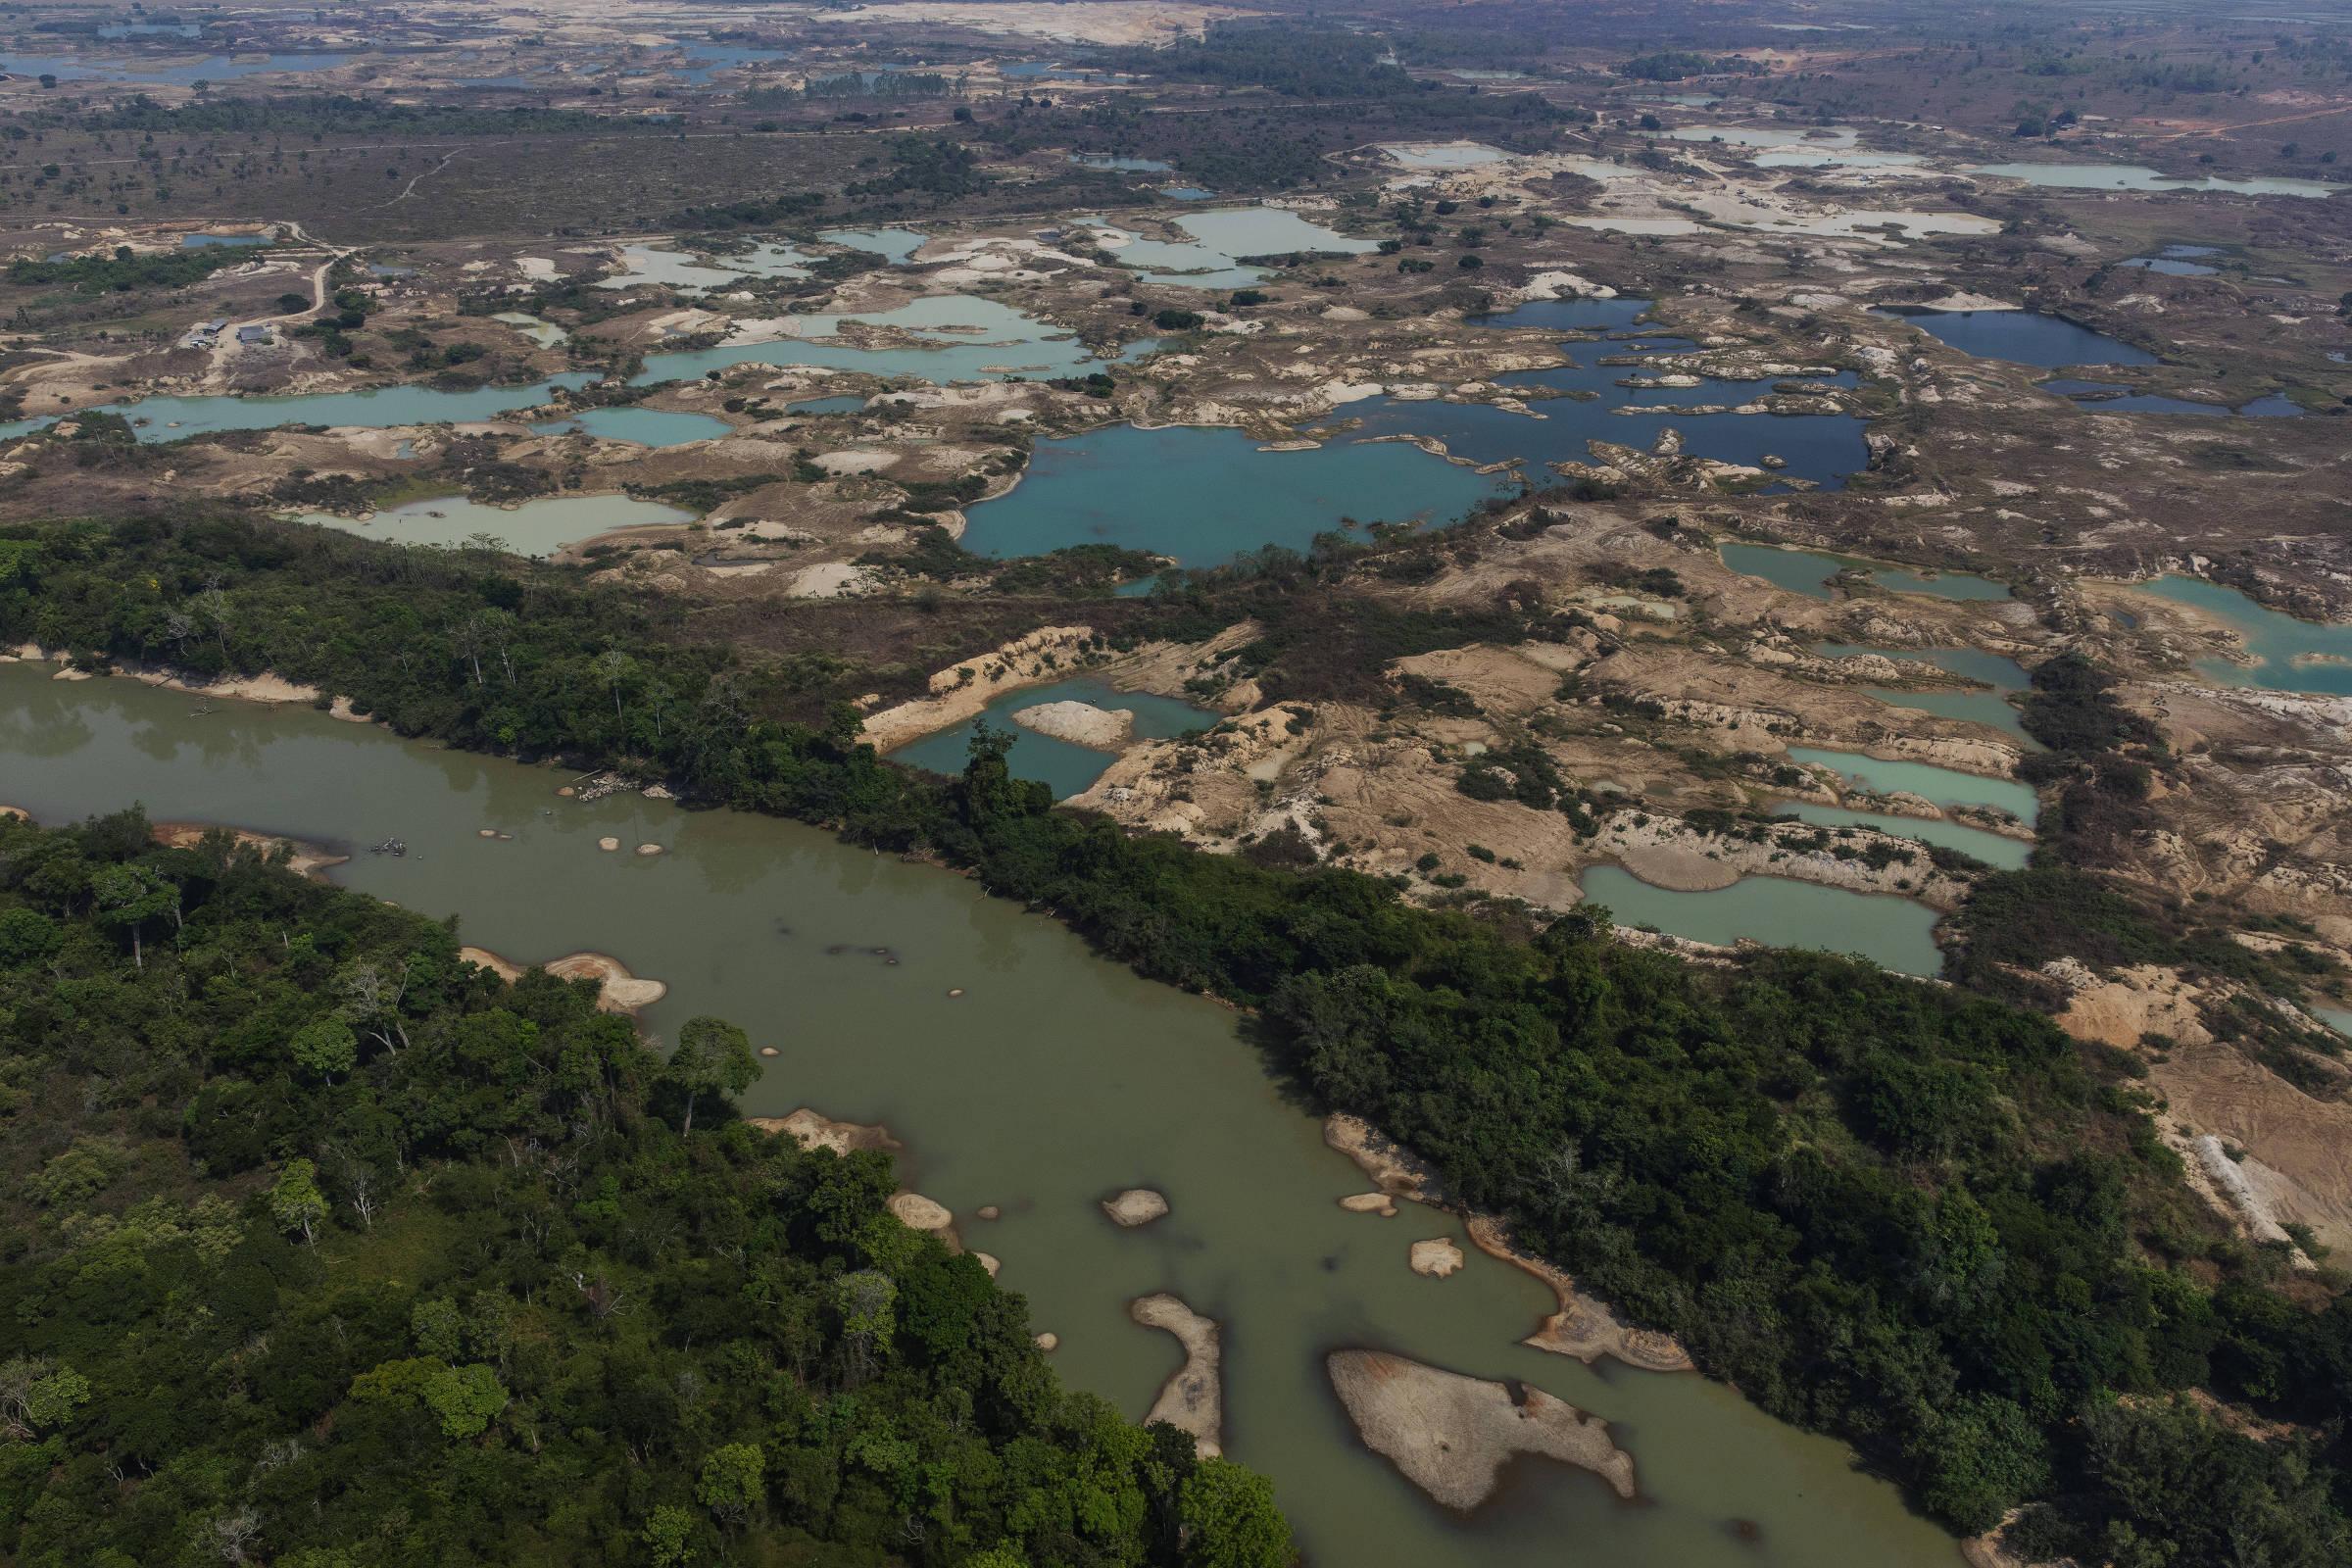 Cooperativa de garimpo recém-criada se alça a uma das maiores mineradoras na Amazônia